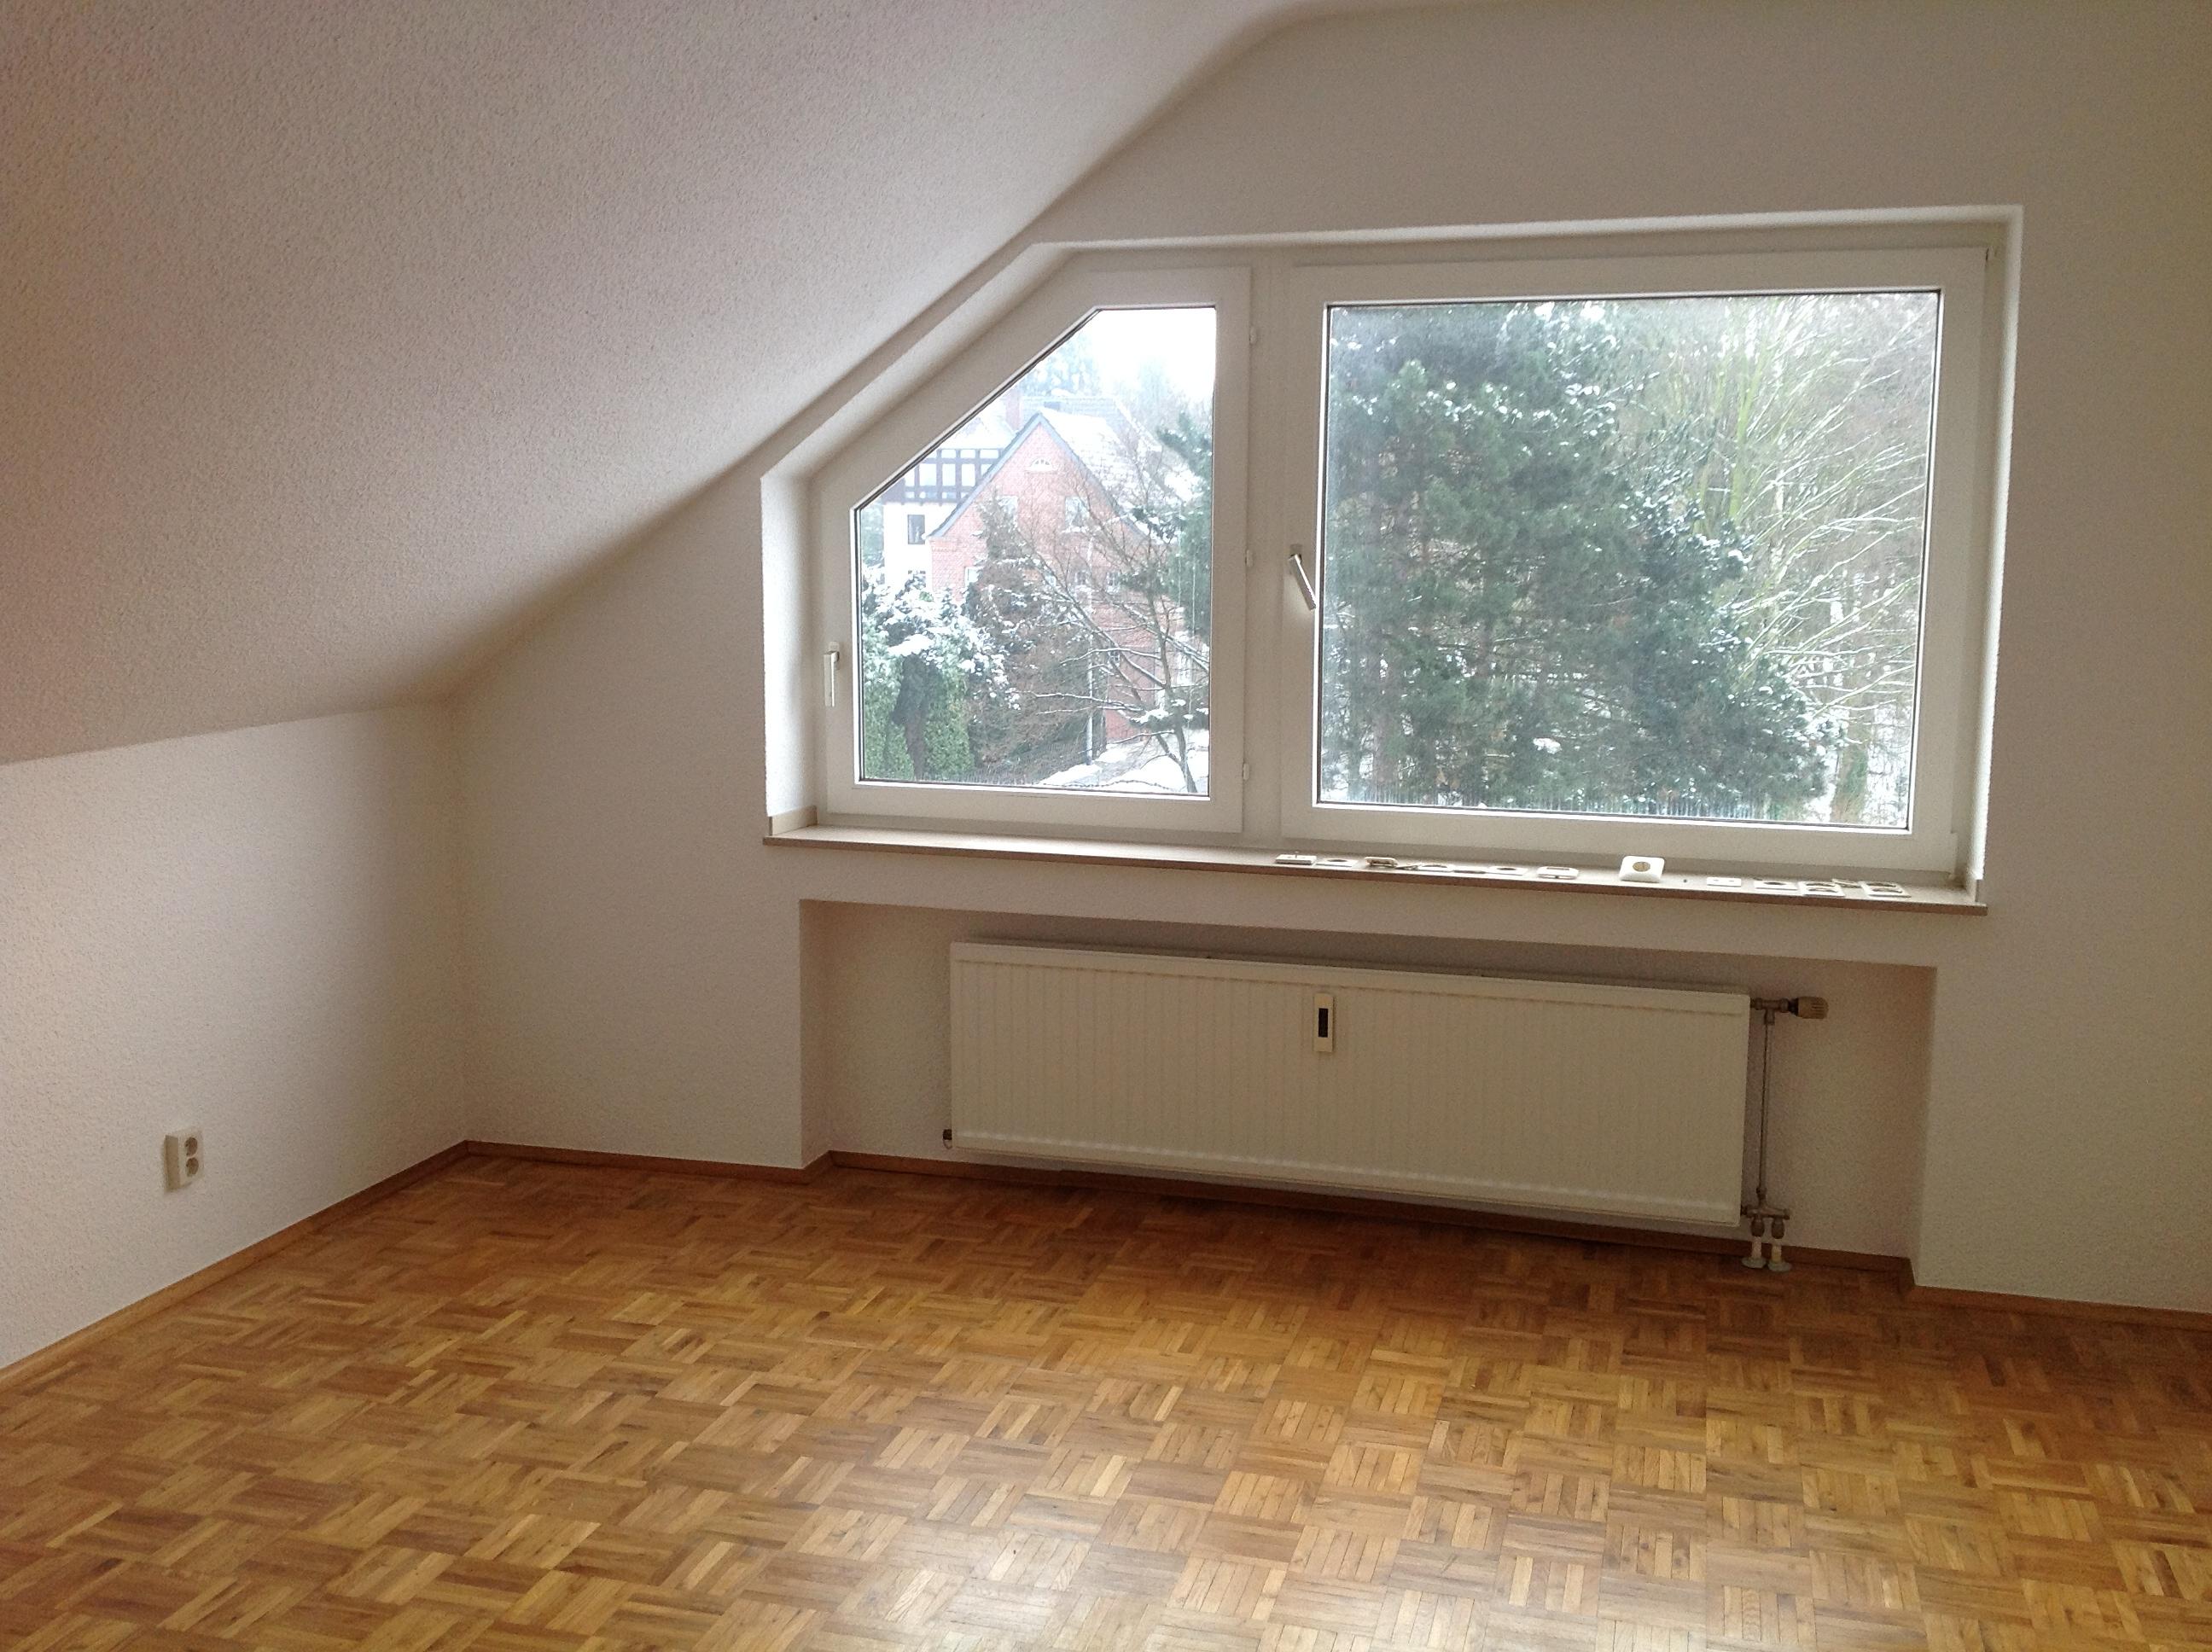 Fenster Dachschräge rollos oder ähnliches für fenster in der schräge schläge rolladen